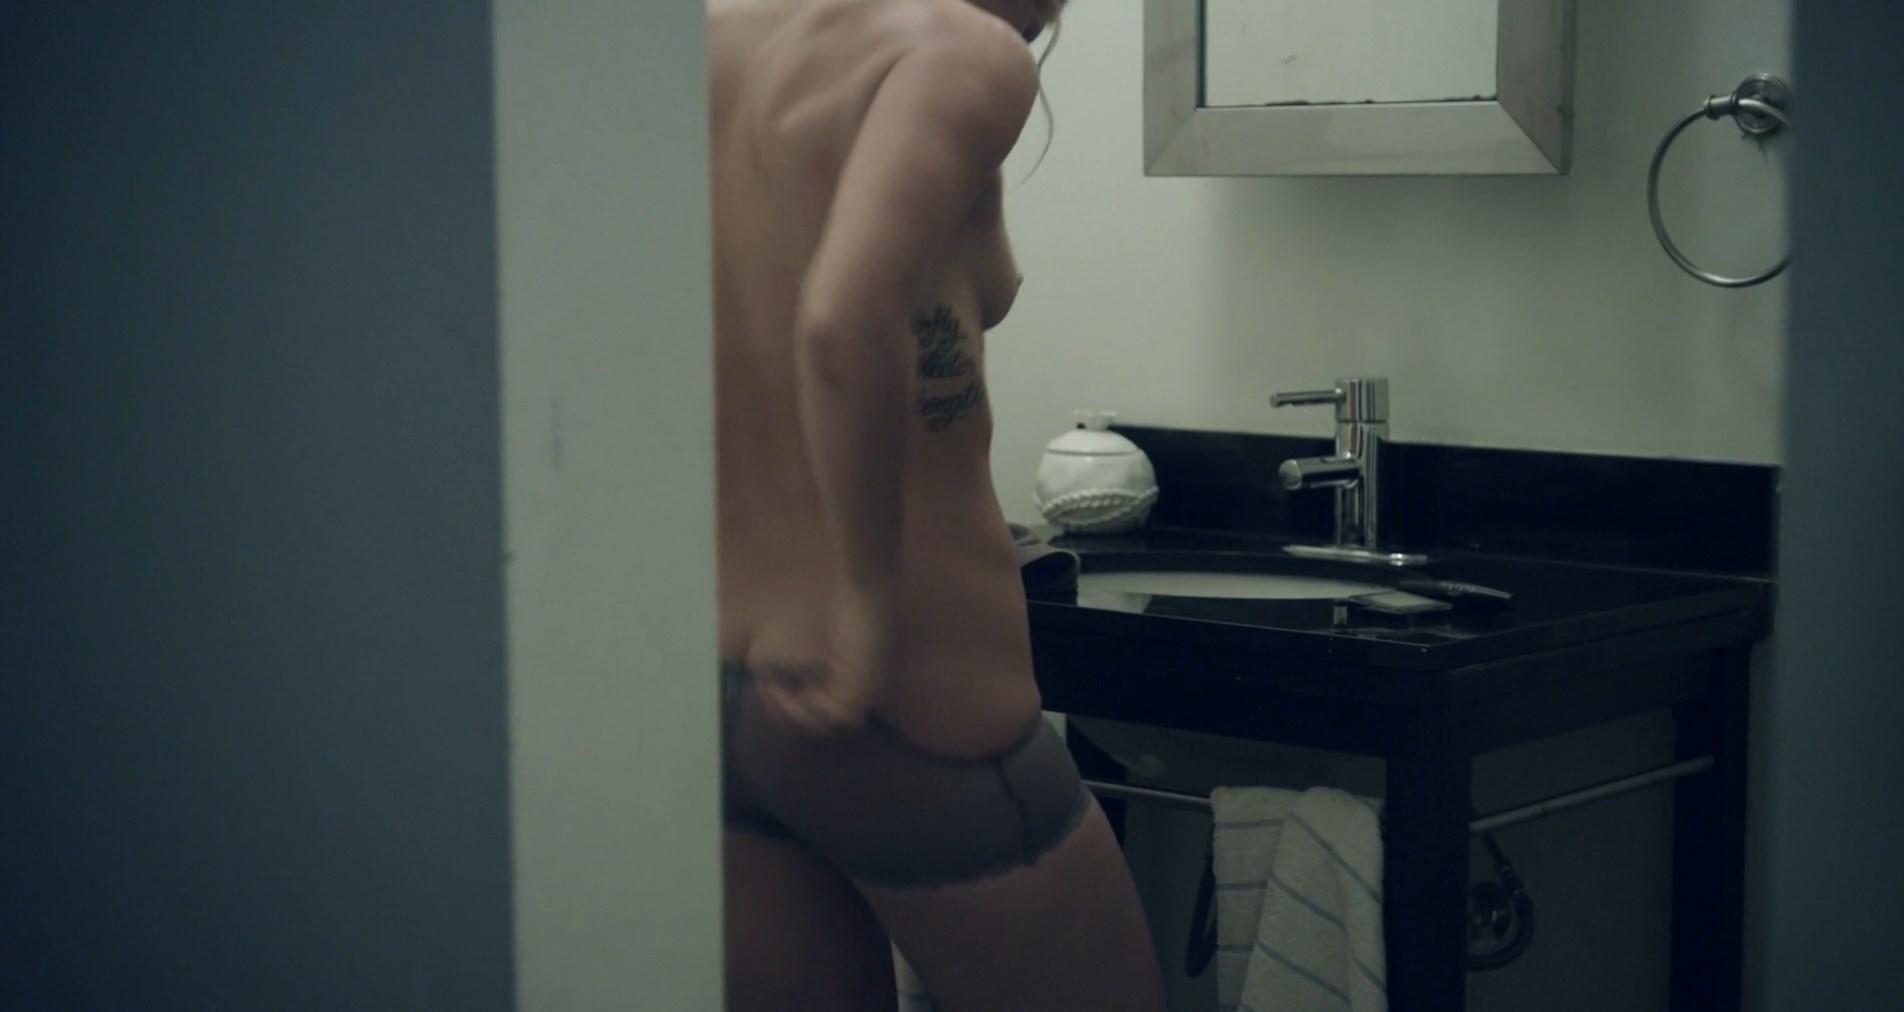 Alleged briana evigan masturbation clip, porn cf